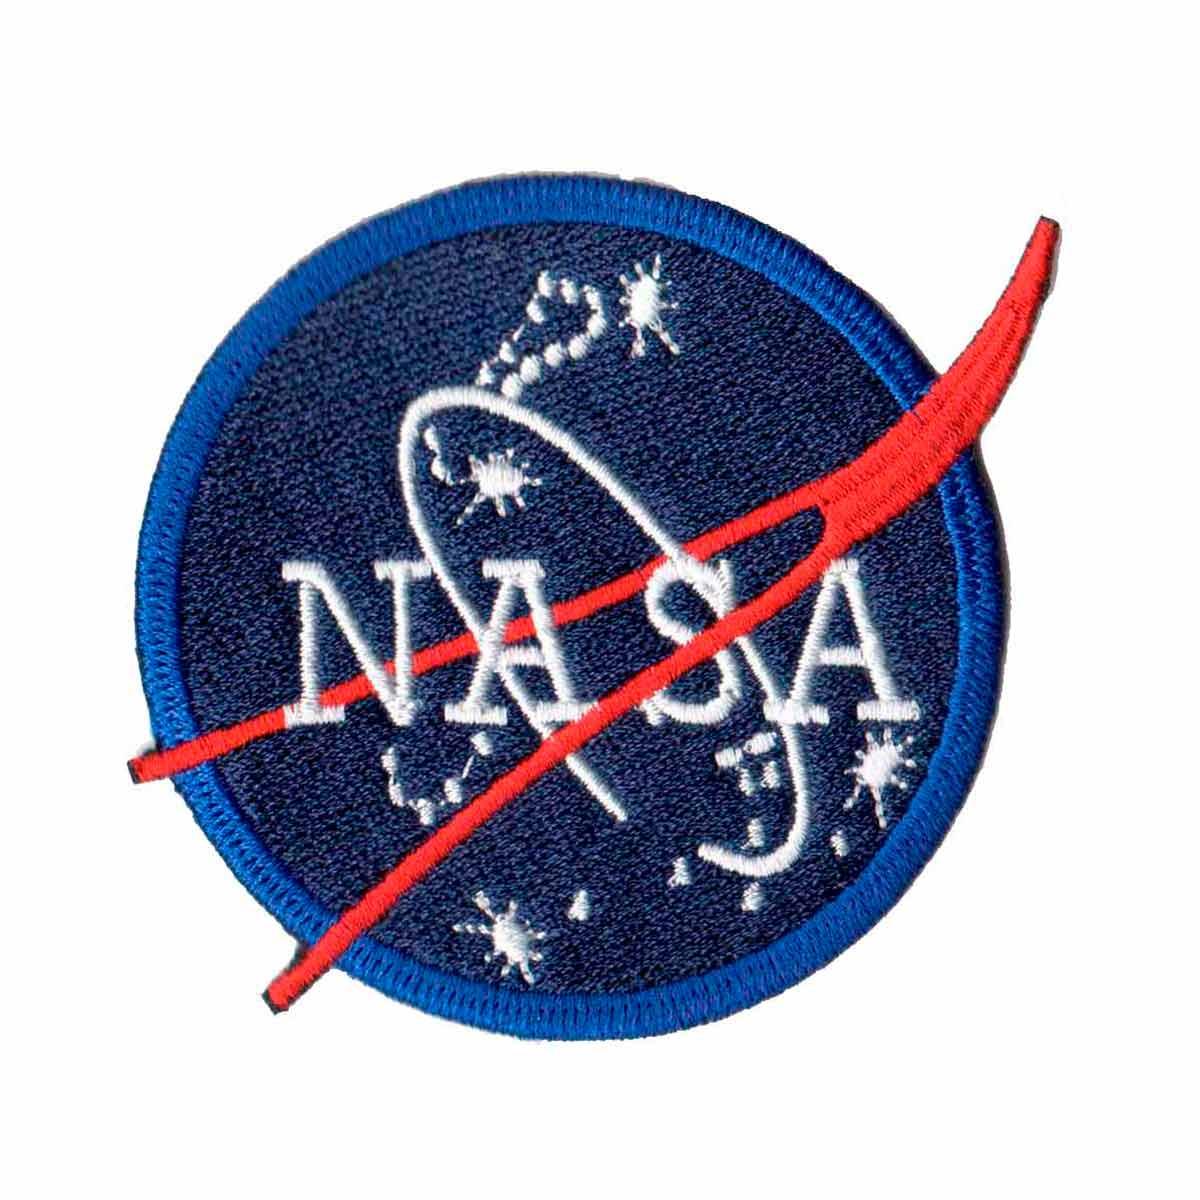 Patch Bordado - Logo Simbolo Nasa Tradicional AV20075-142  - Talysmã Bordados